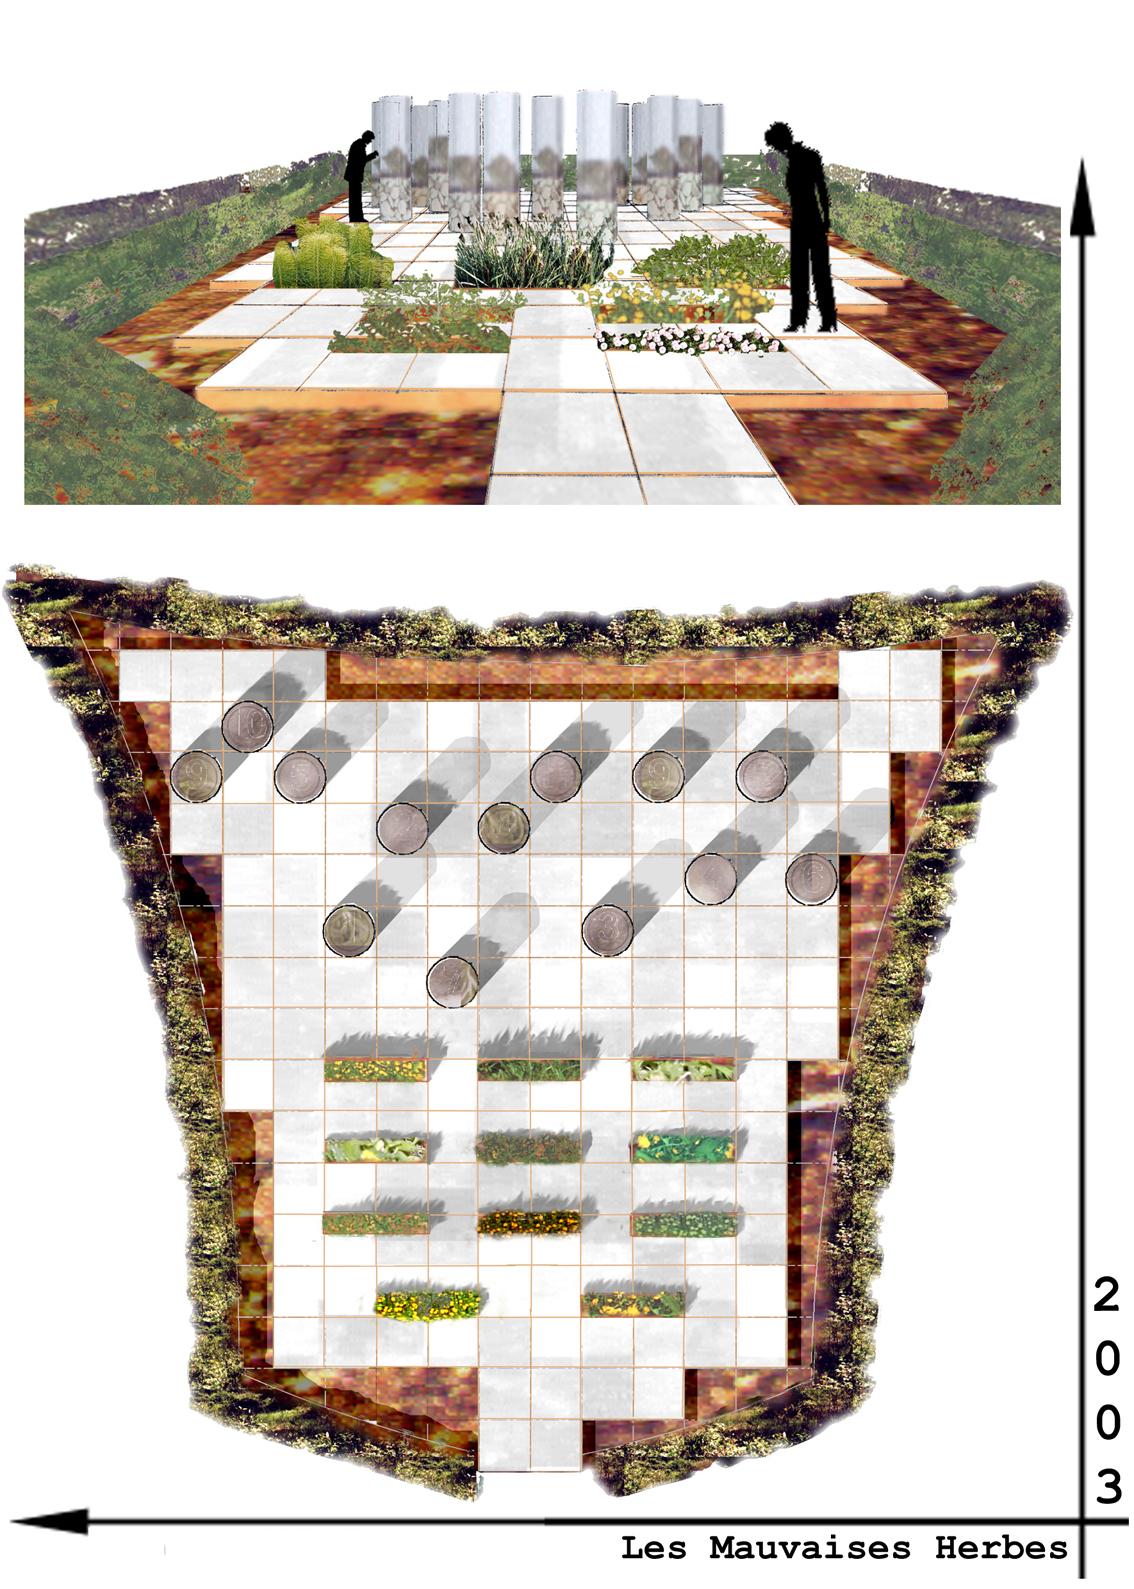 Concours des jardins de Chaumont